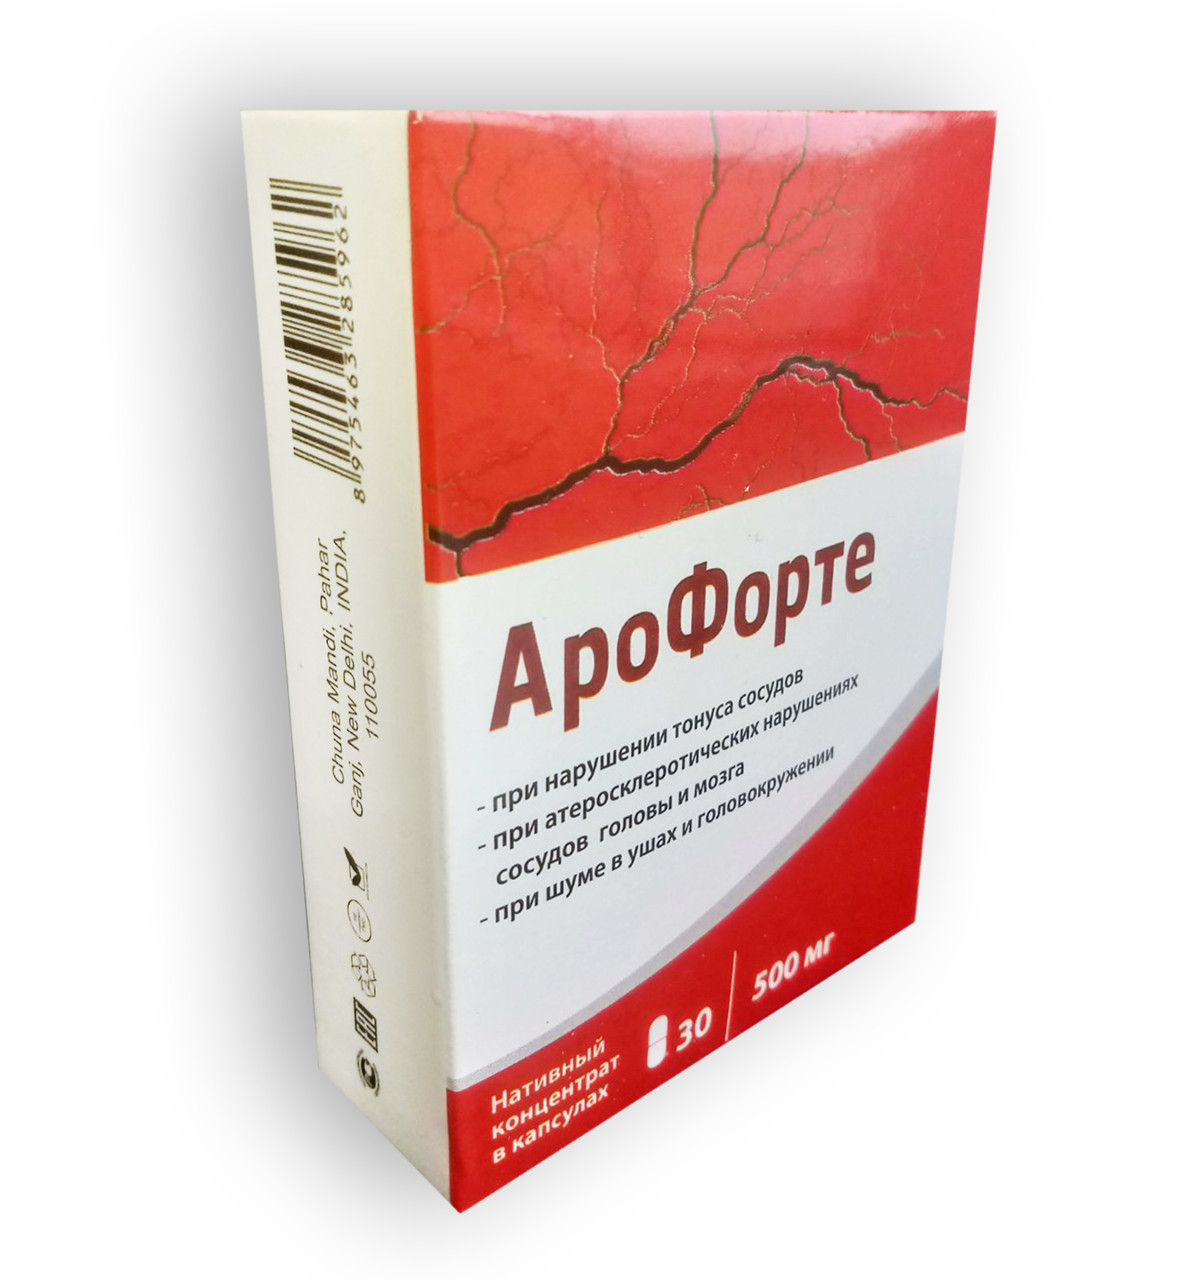 АроФорте - Капсулы от гипертонии #E/N